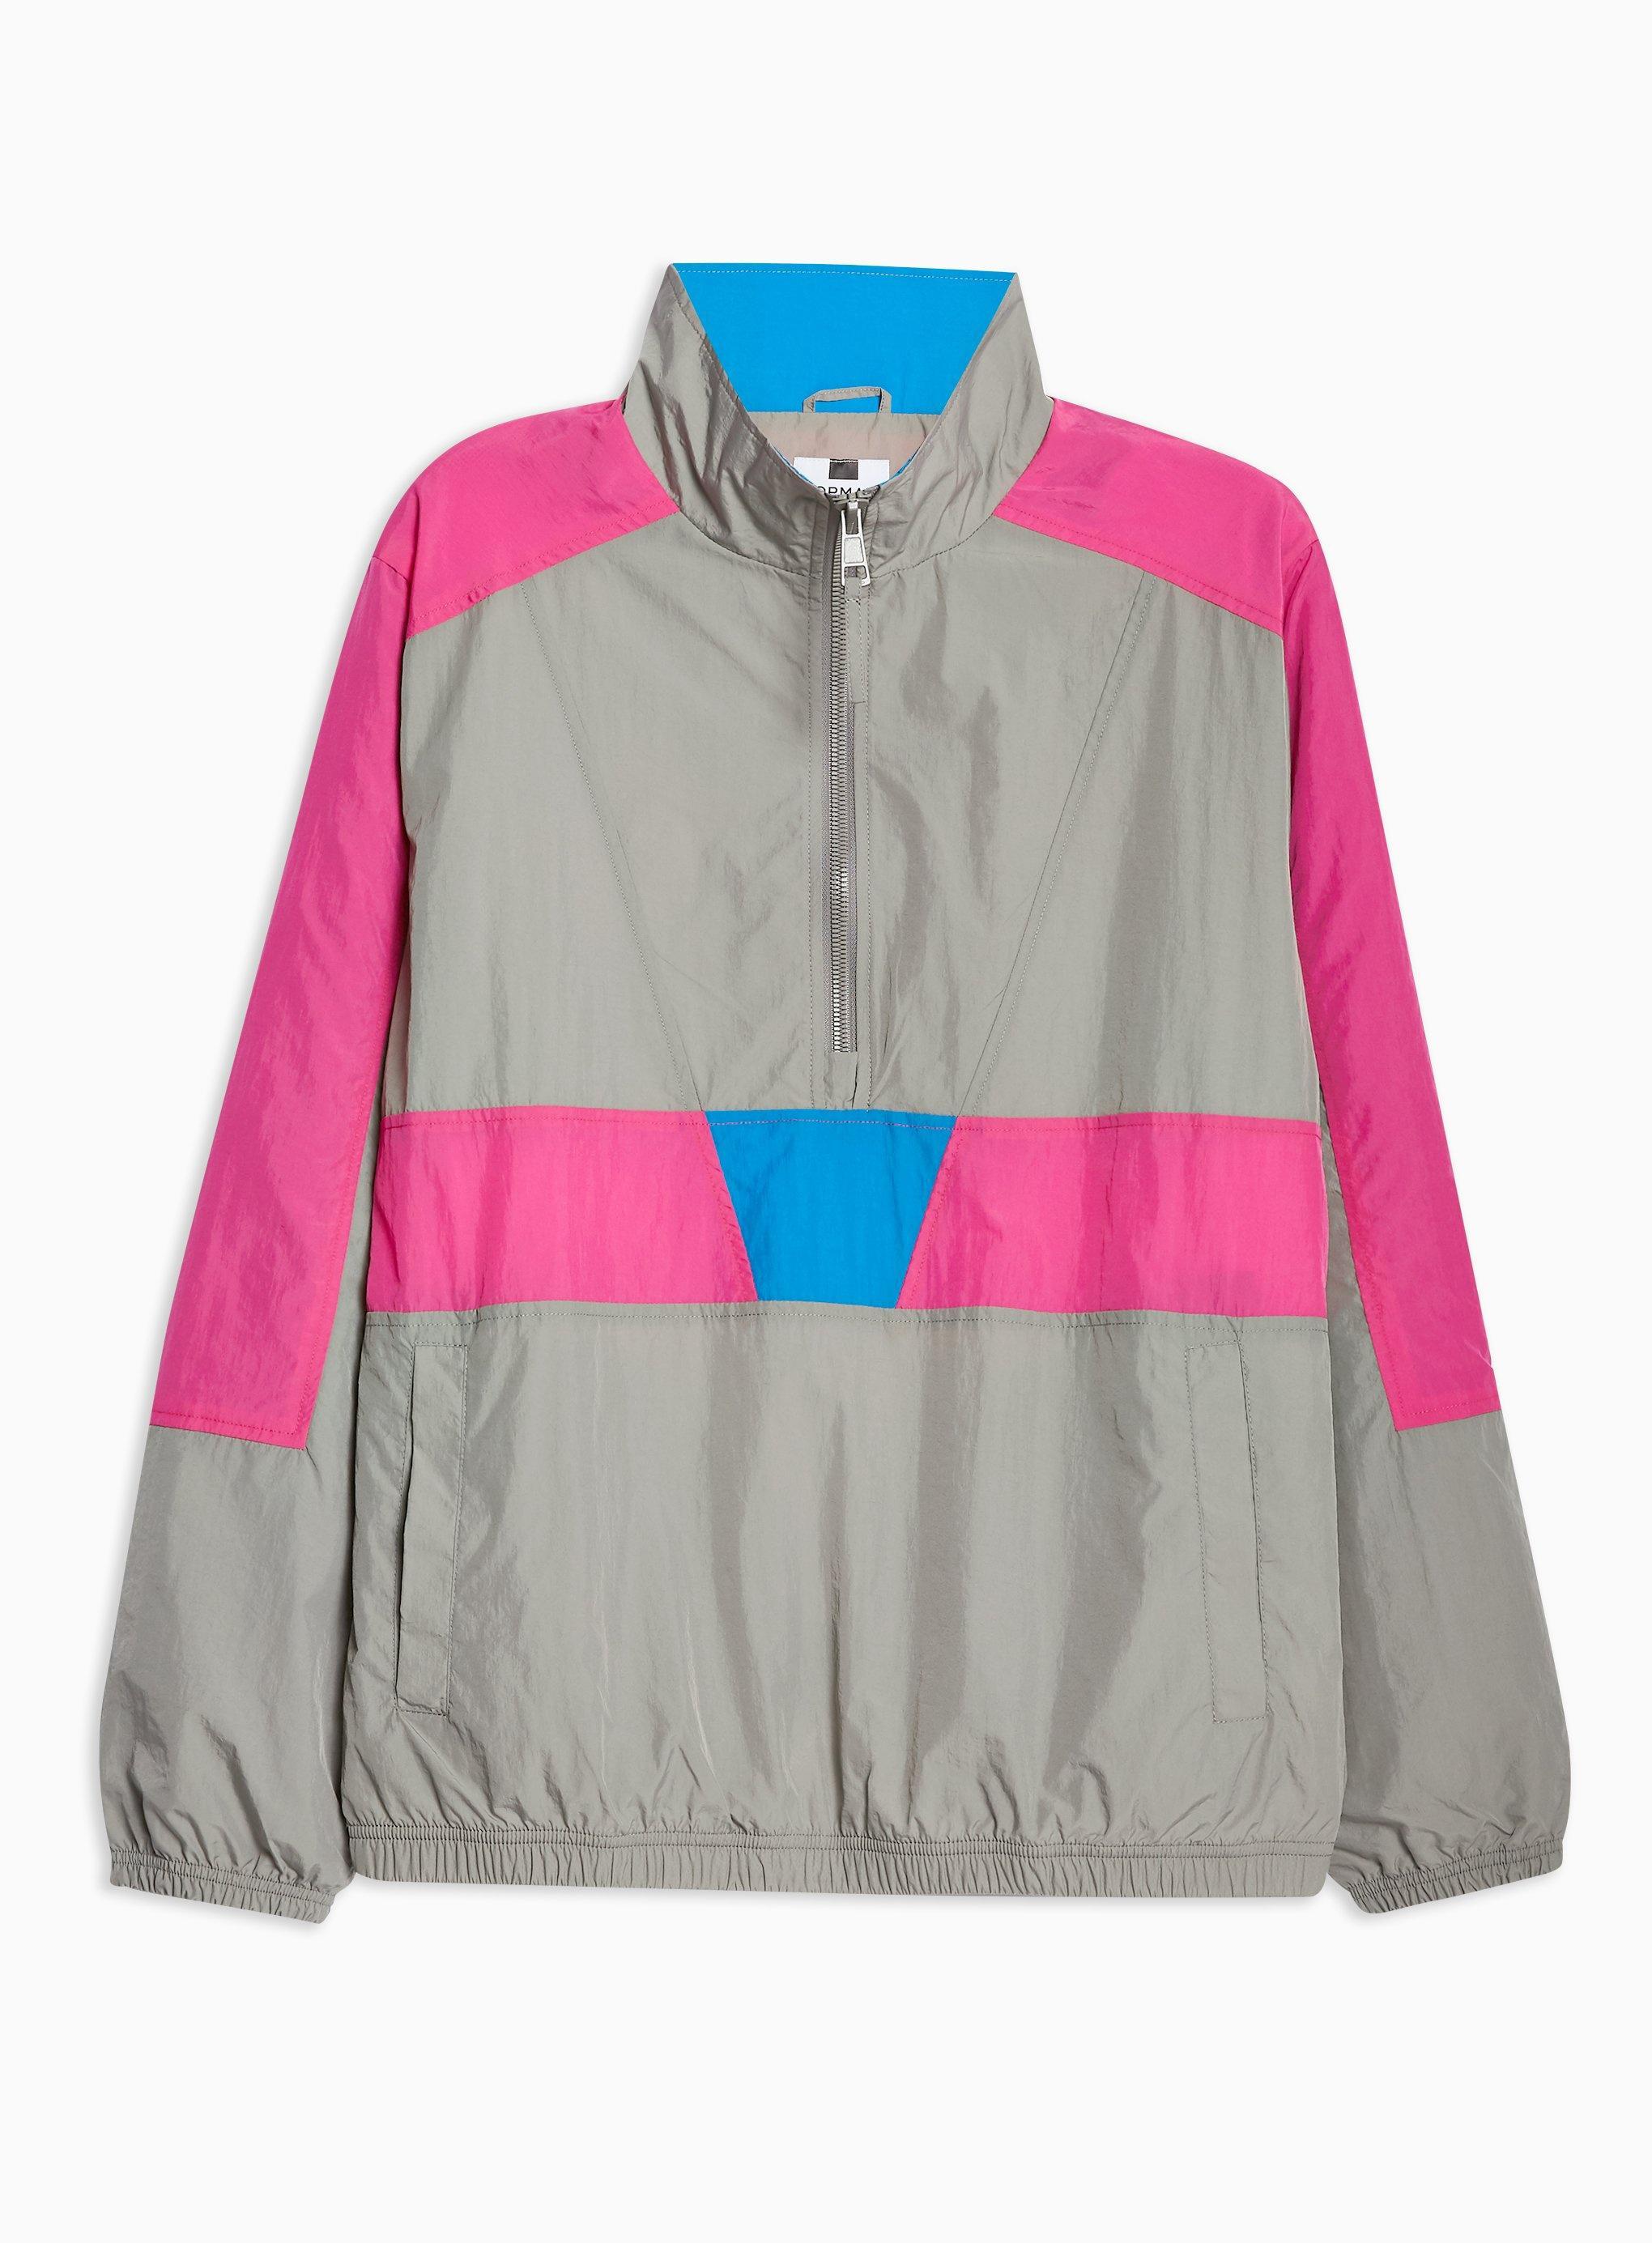 84eac3440 TOPMAN Grey Overhead Windbreaker Jacket in Gray for Men - Lyst